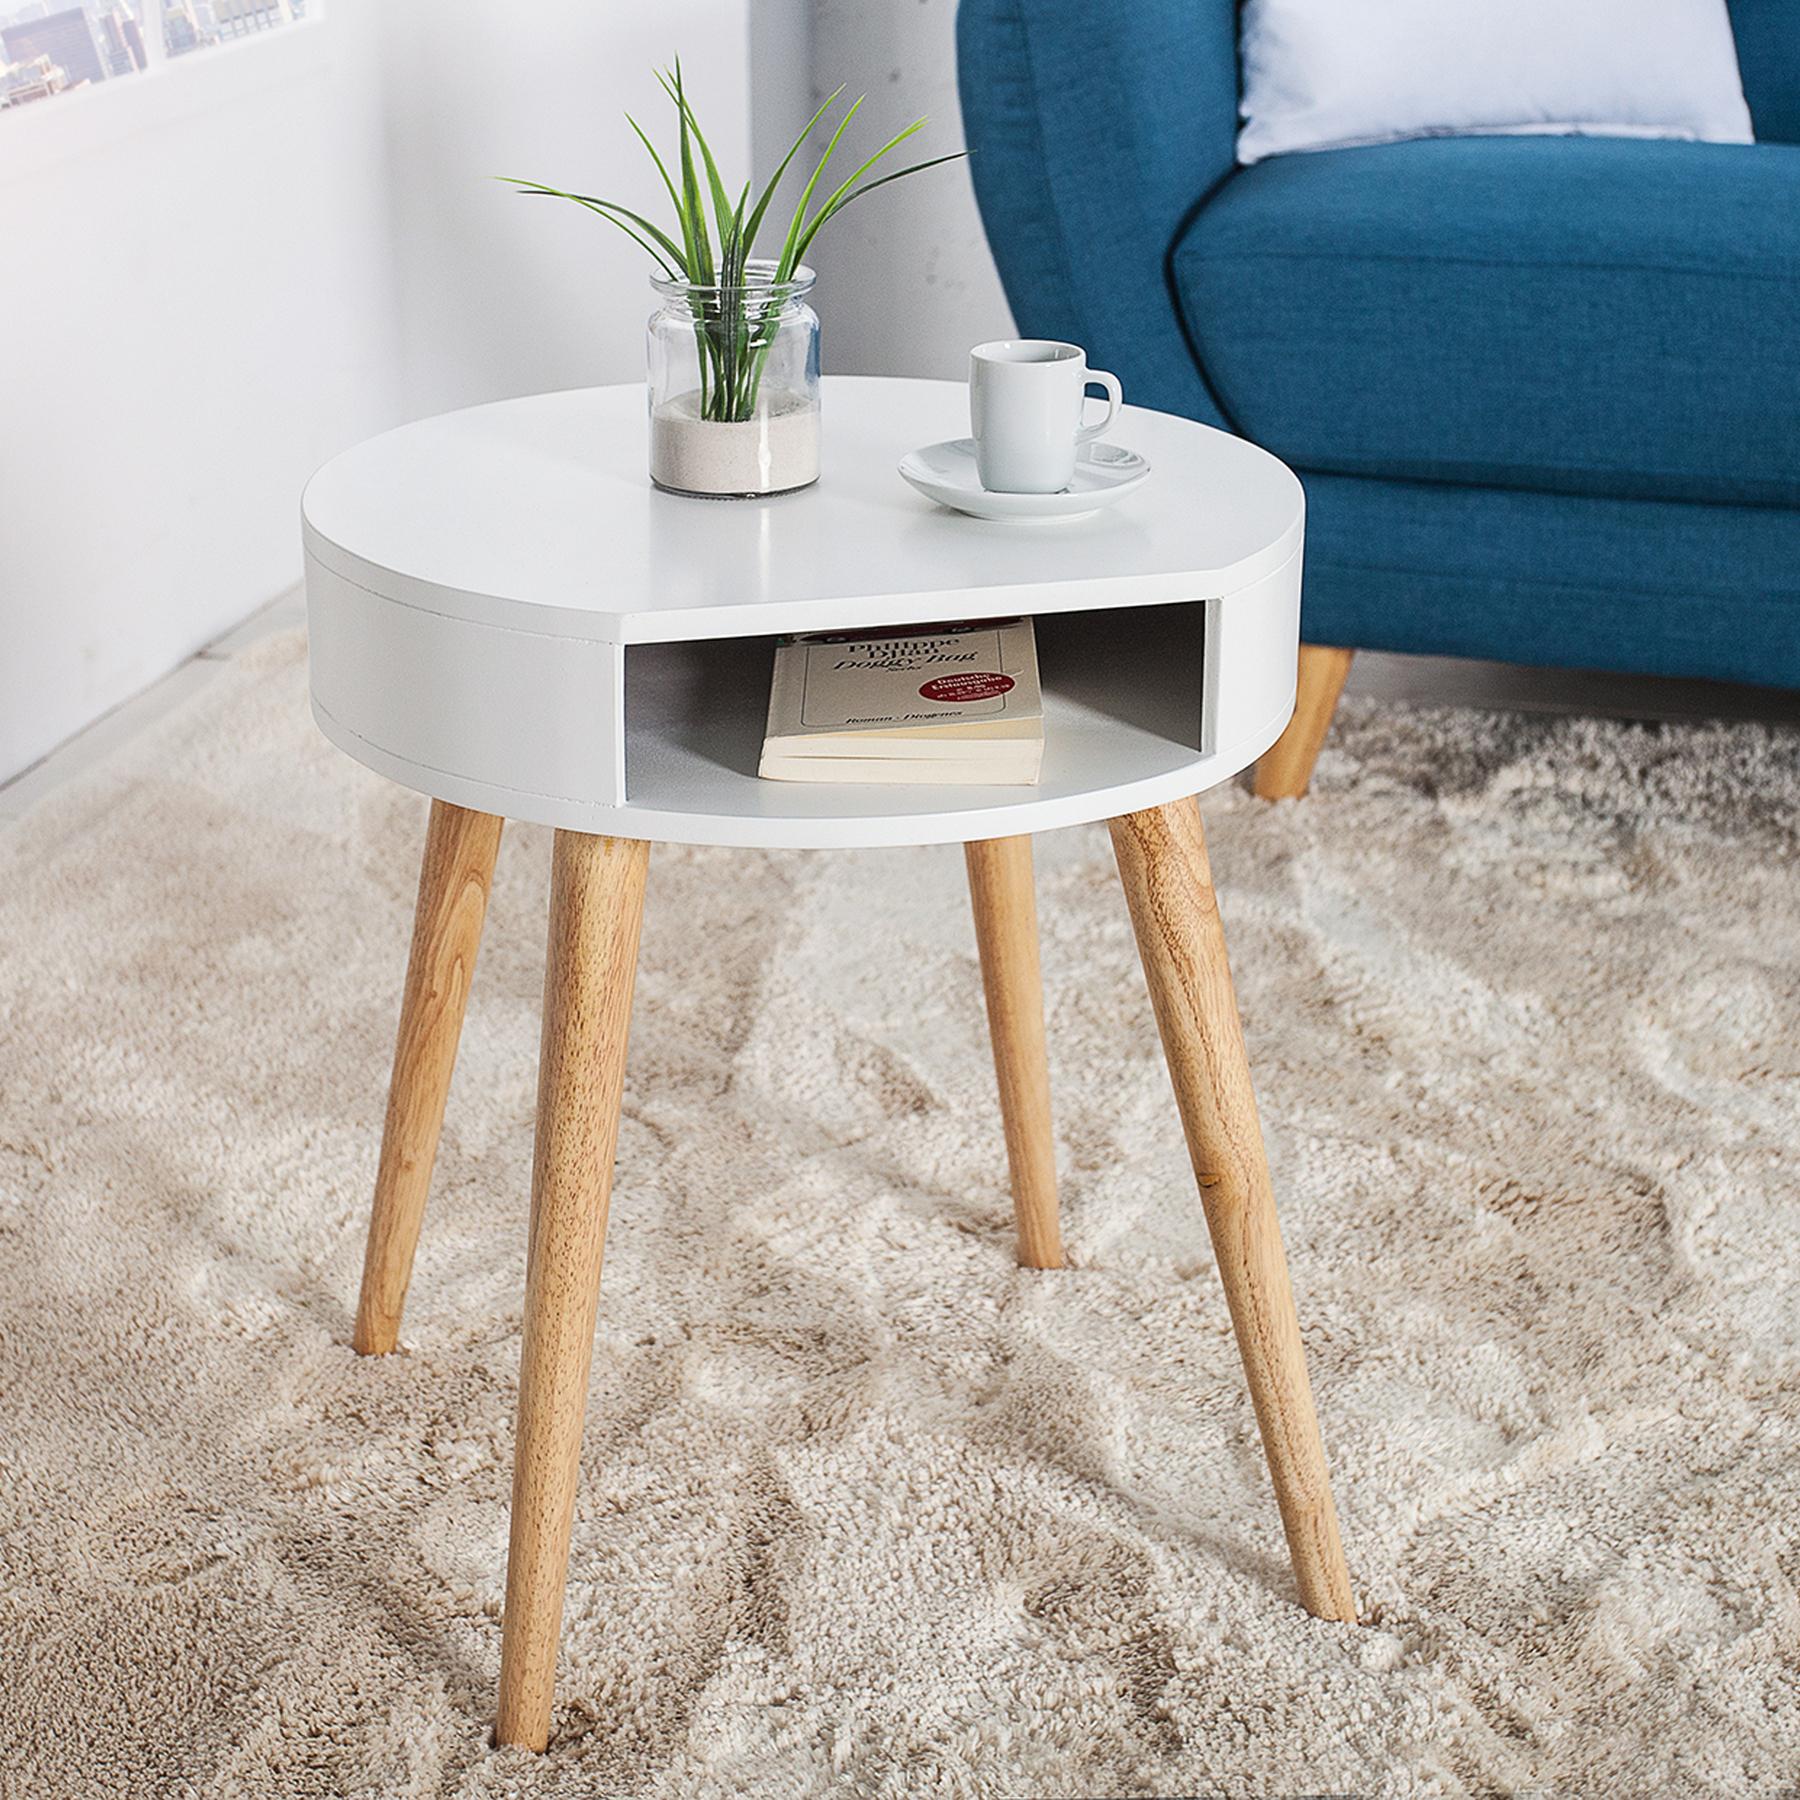 retro beistelltisch scandinavia wei eiche nachttisch tisch holztisch mit fach ebay. Black Bedroom Furniture Sets. Home Design Ideas